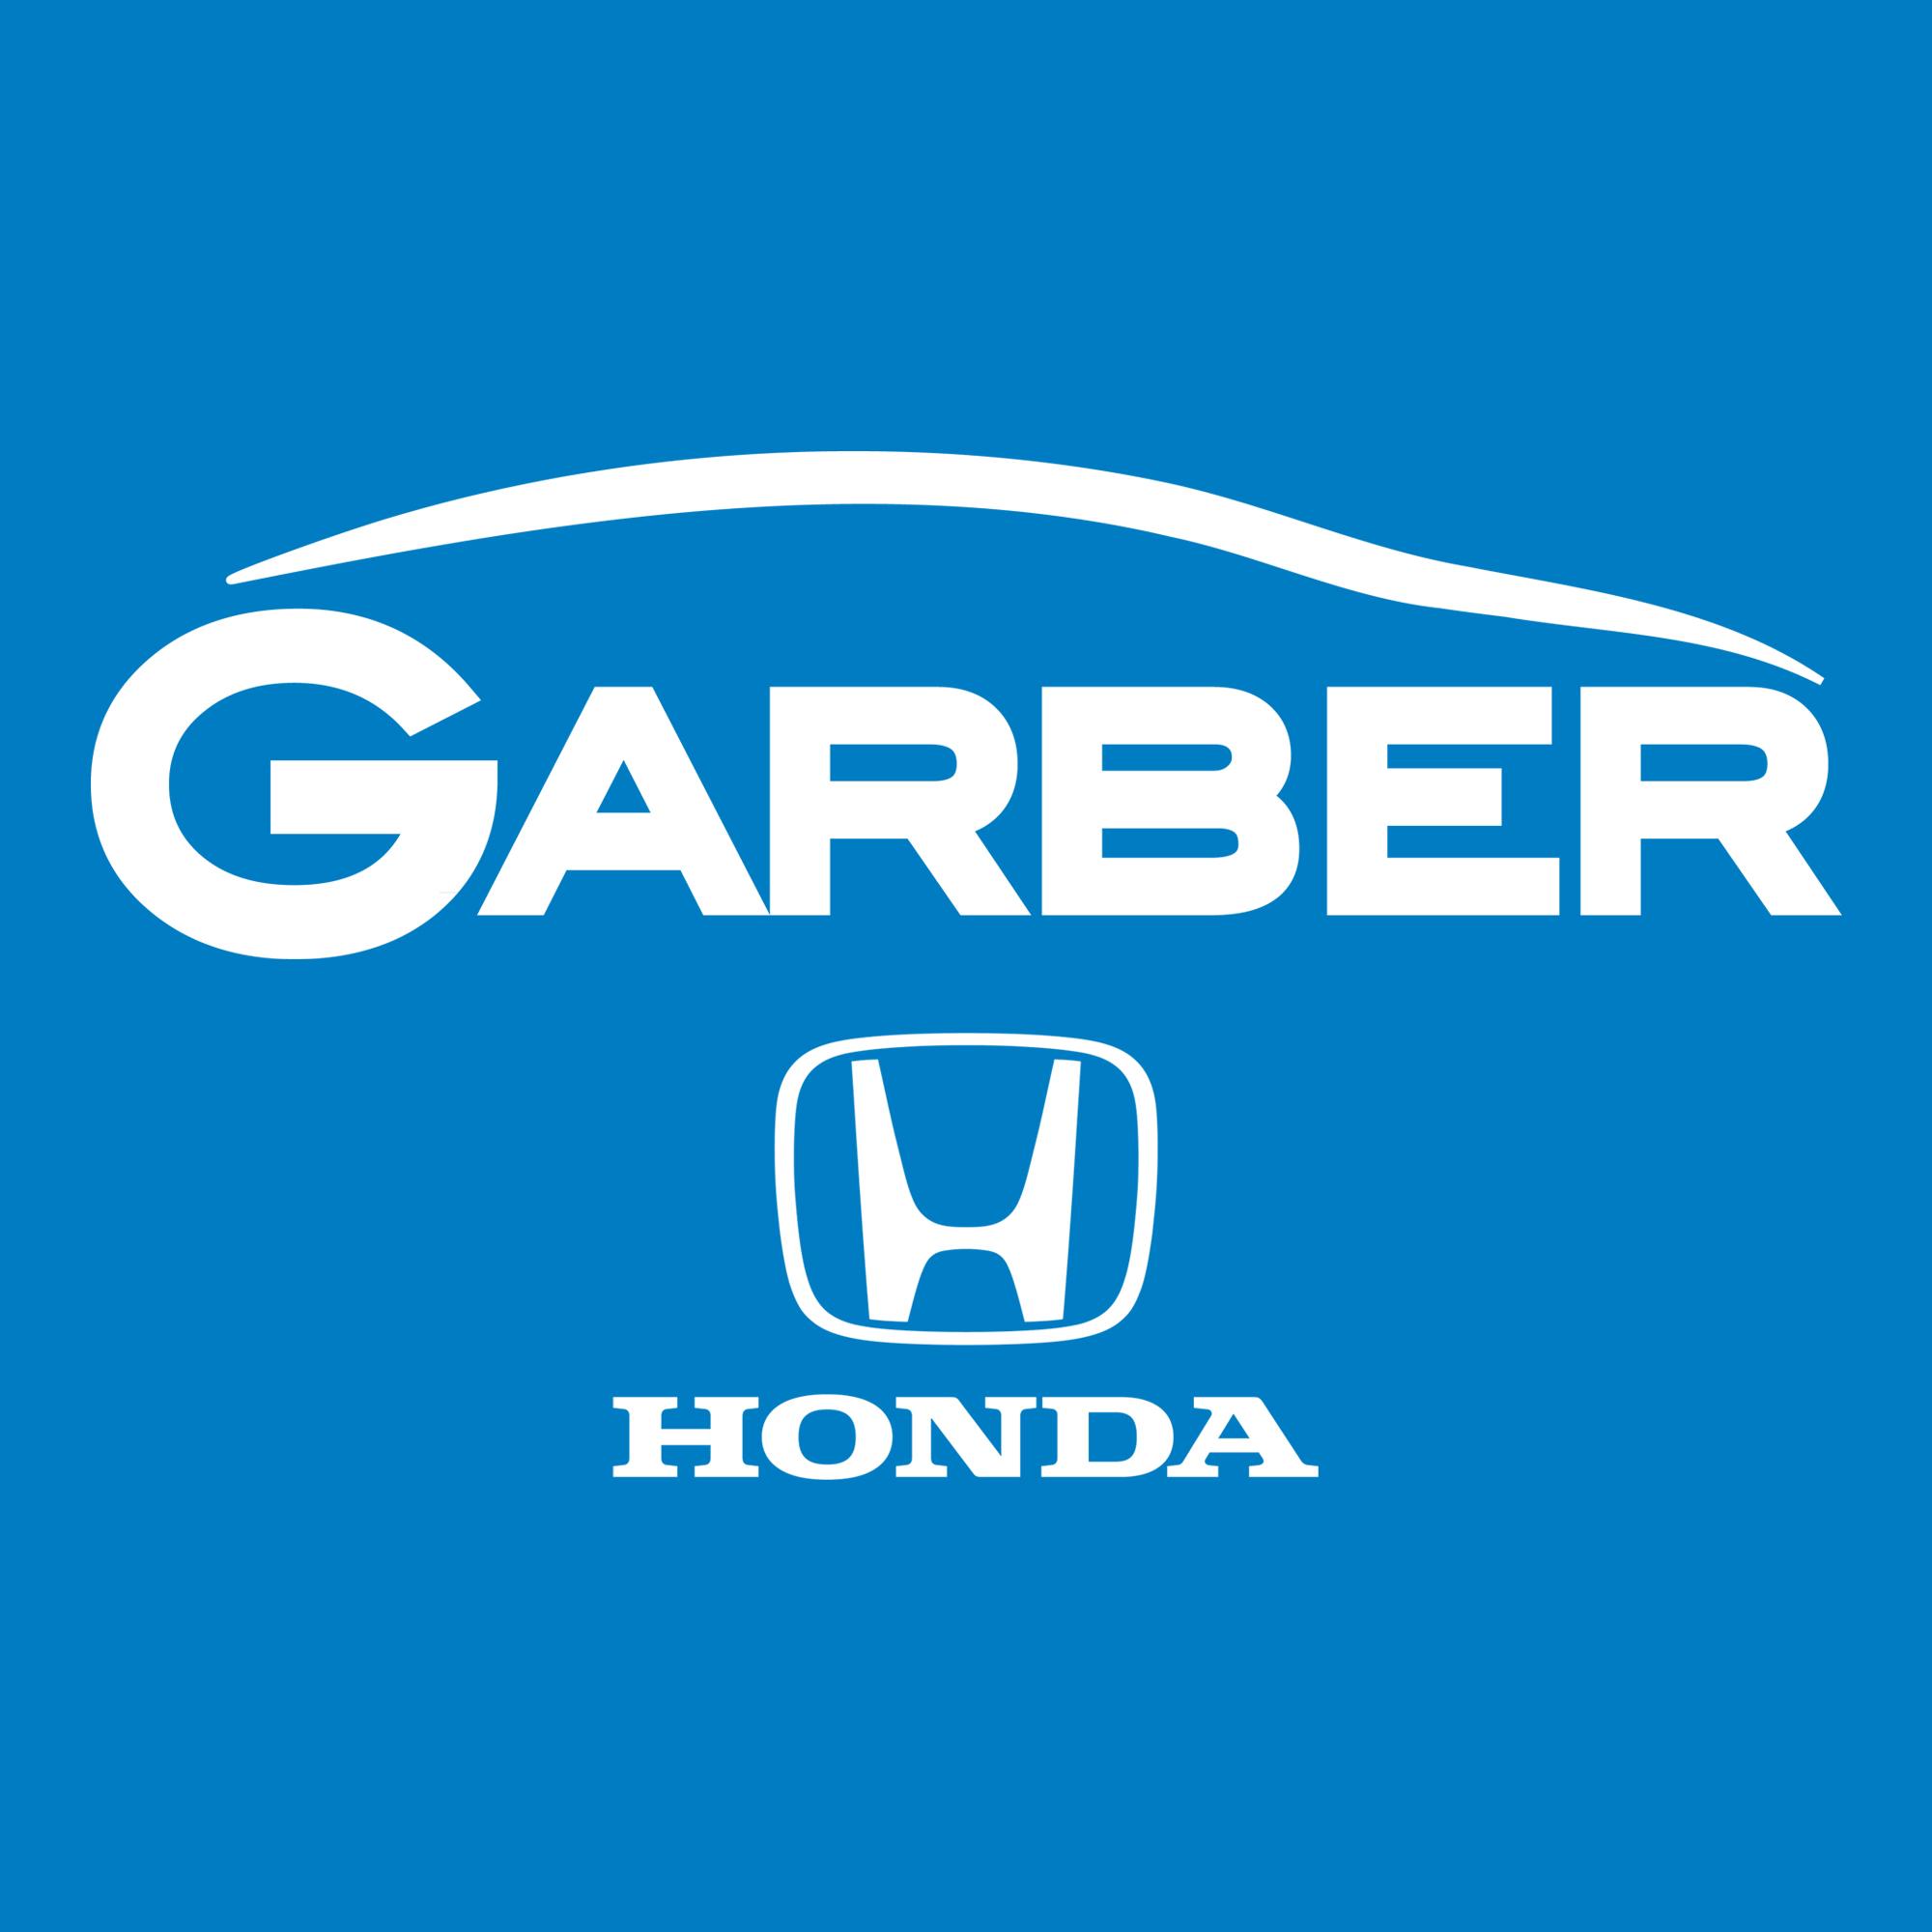 Garber Honda image 1